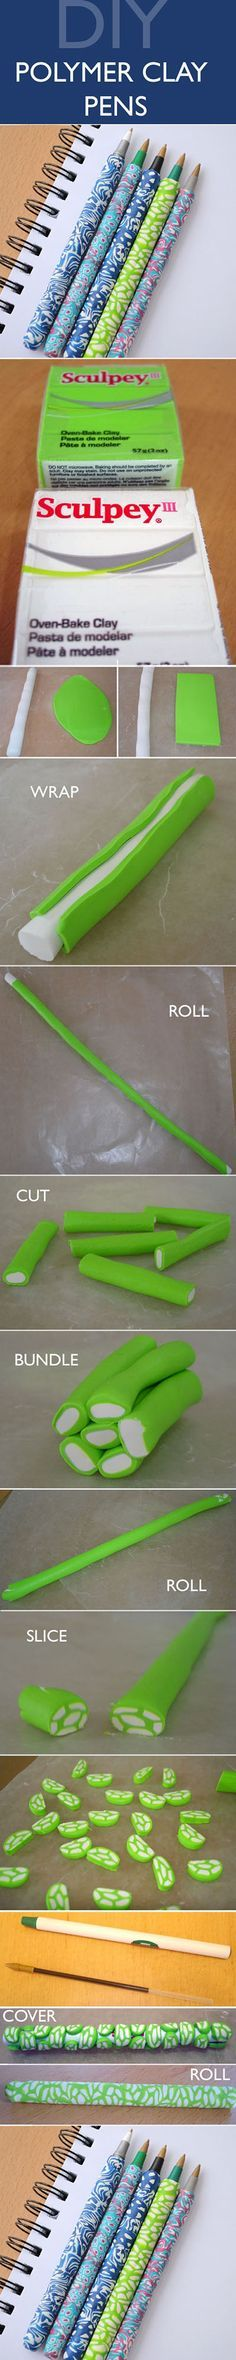 Diy Polymer Clay Pens   DIY & Crafts Tutorials